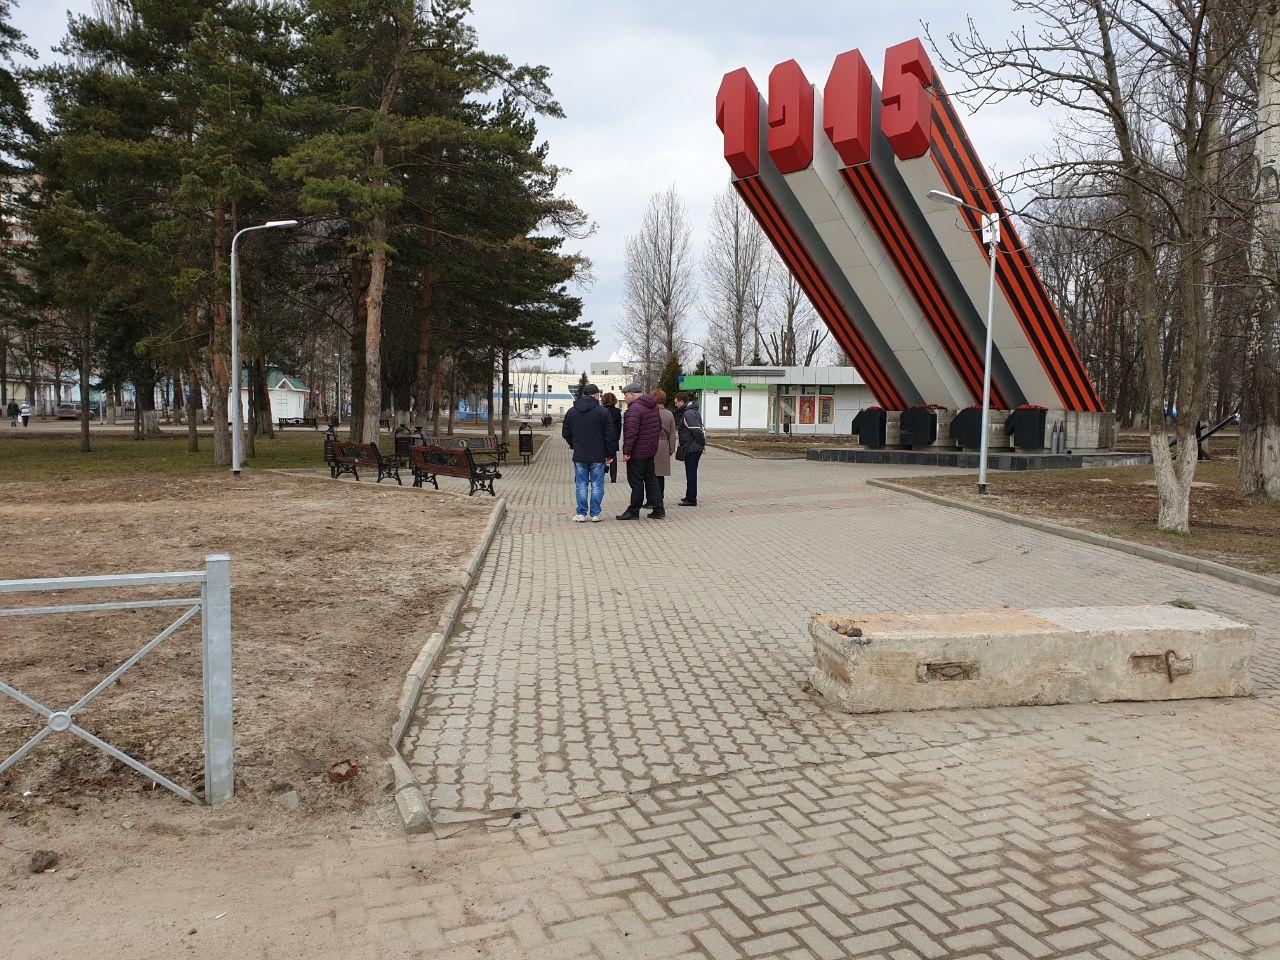 Подрядчику дали месяц на устранение недочетов в отремонтированном парке Победы в Ярославле